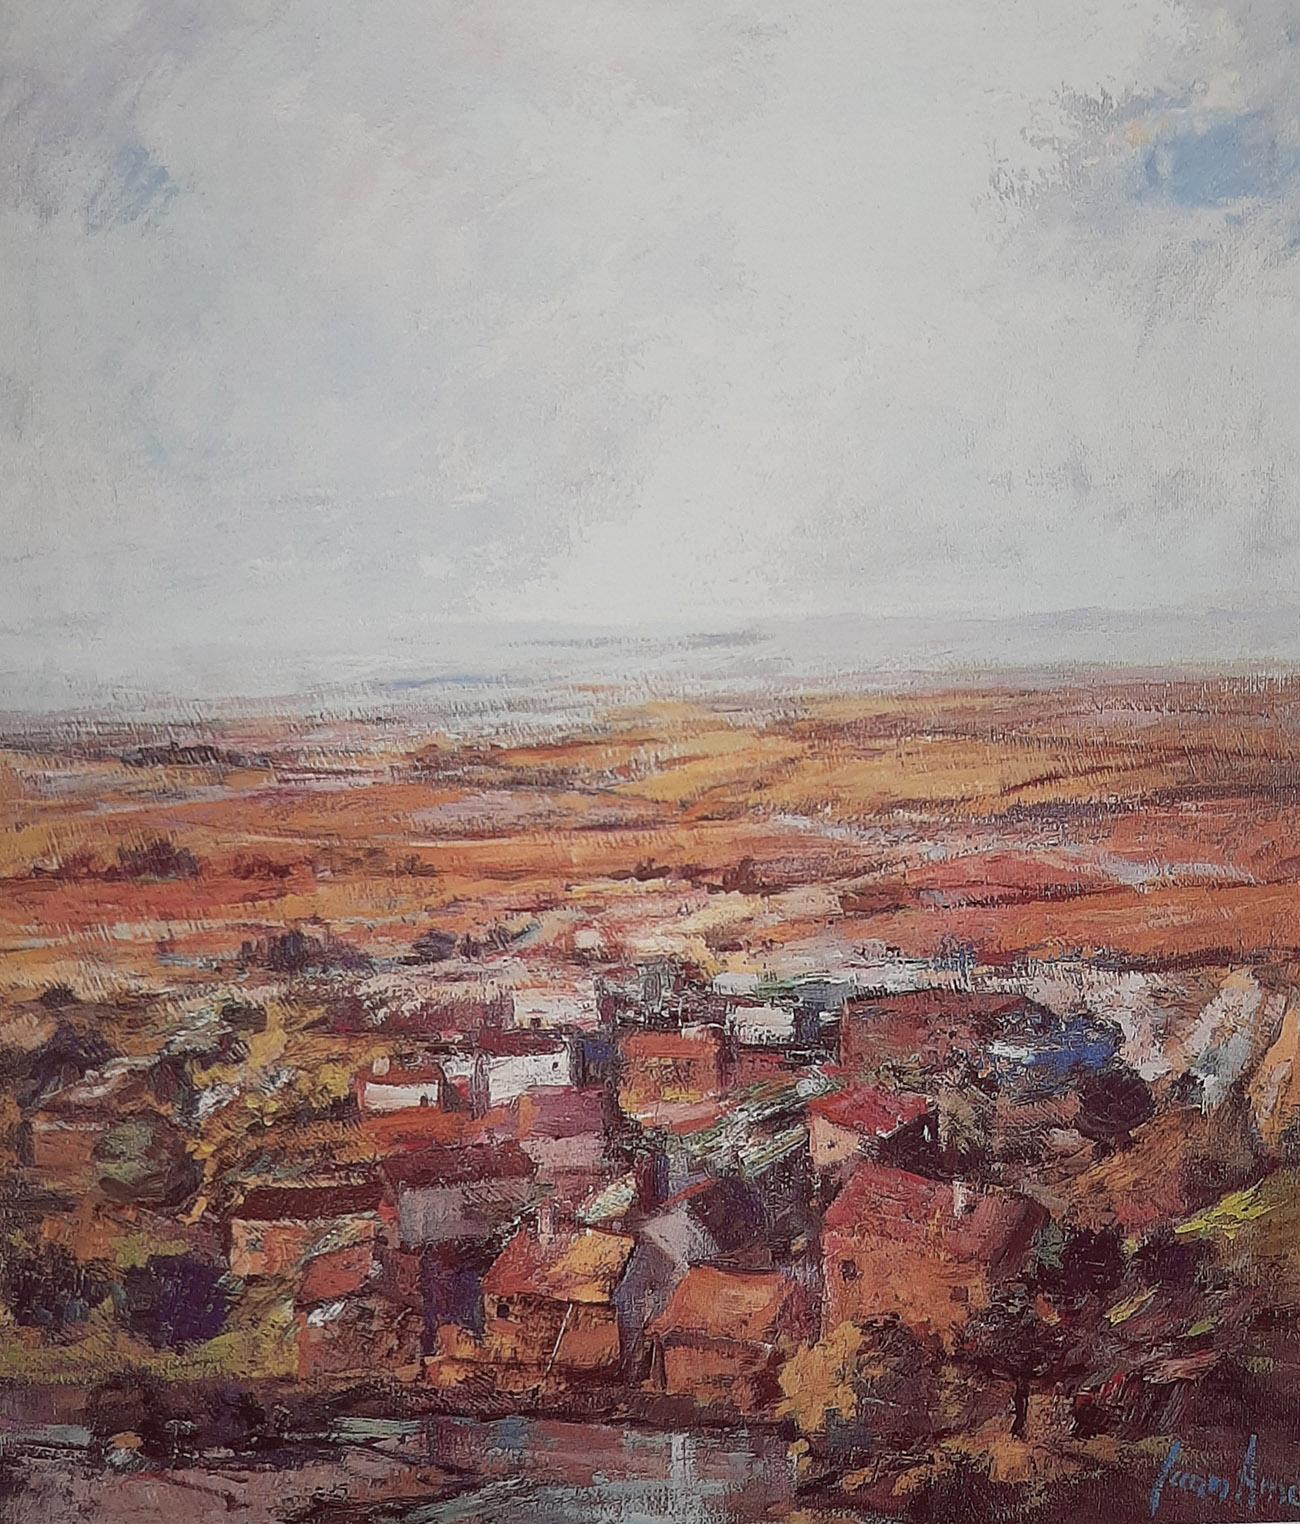 Juan Amo. (1994). Casas del Tapial. Óleo - Lienzo. 61 x 50. Colección Privada.